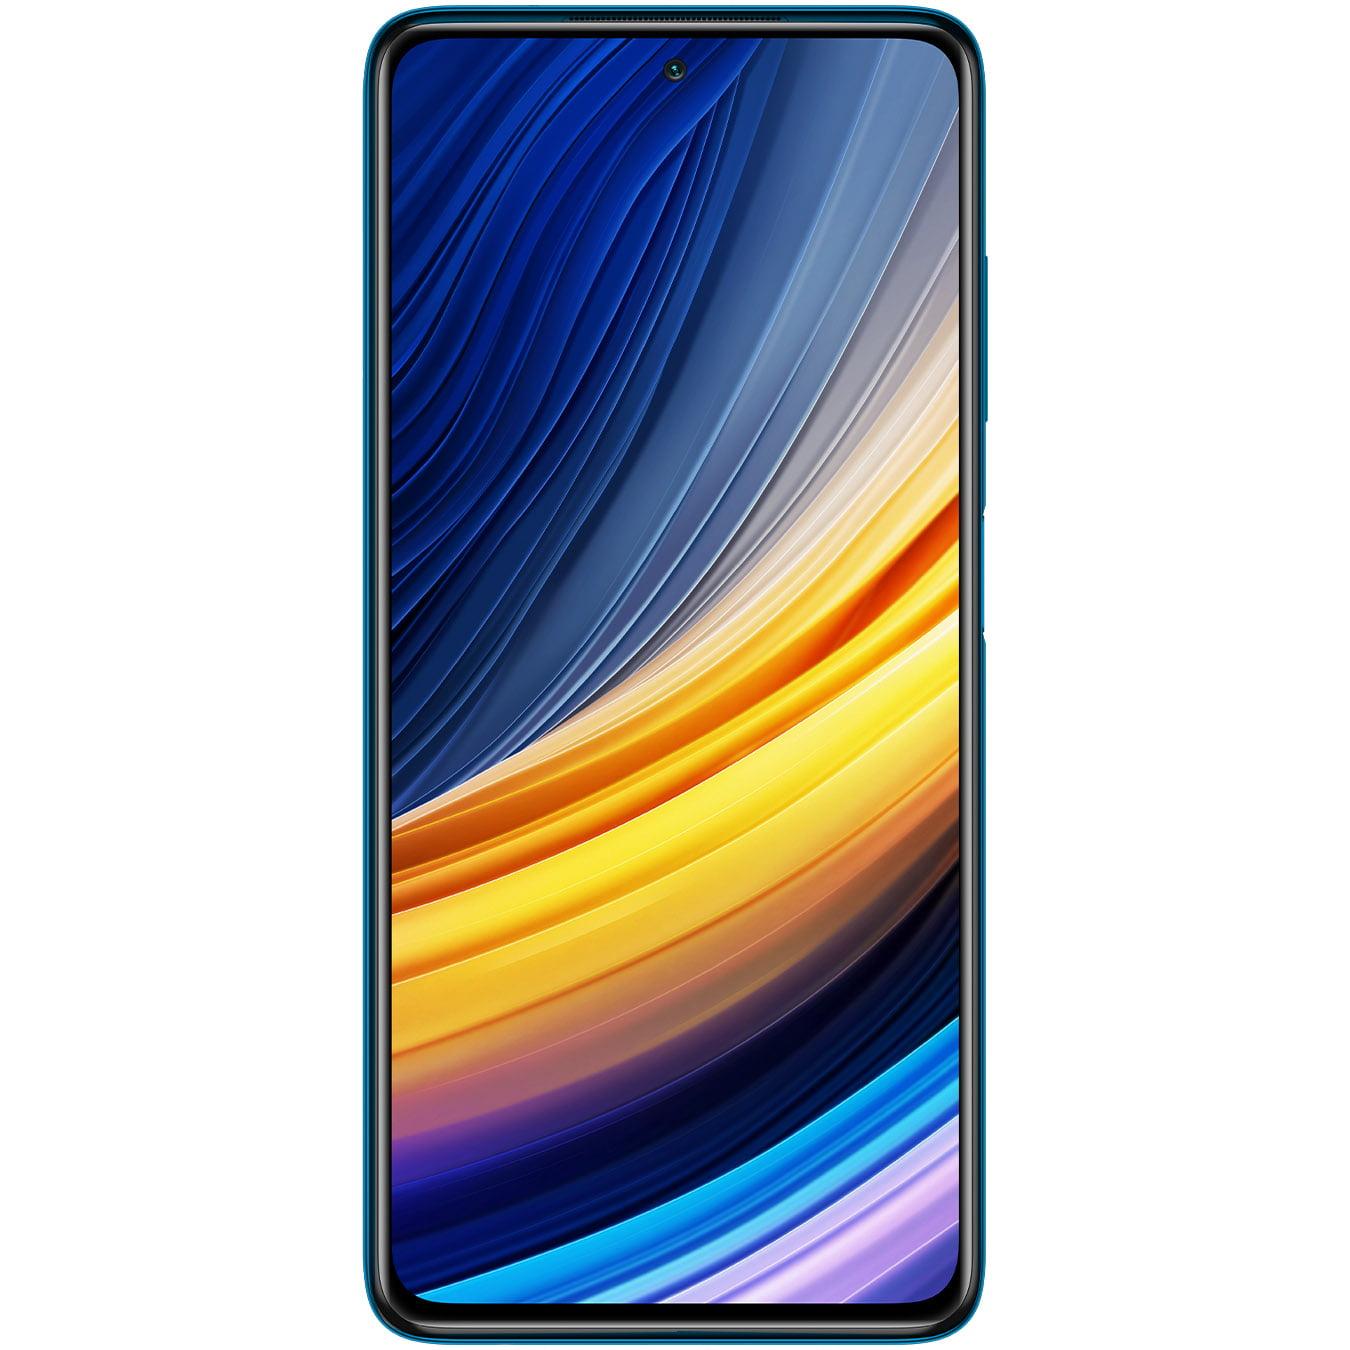 Telefon mobil Xiaomi Poco X3 Pro, Dual SIM, 256GB, 8GB RAM, 4G, Frost Blue